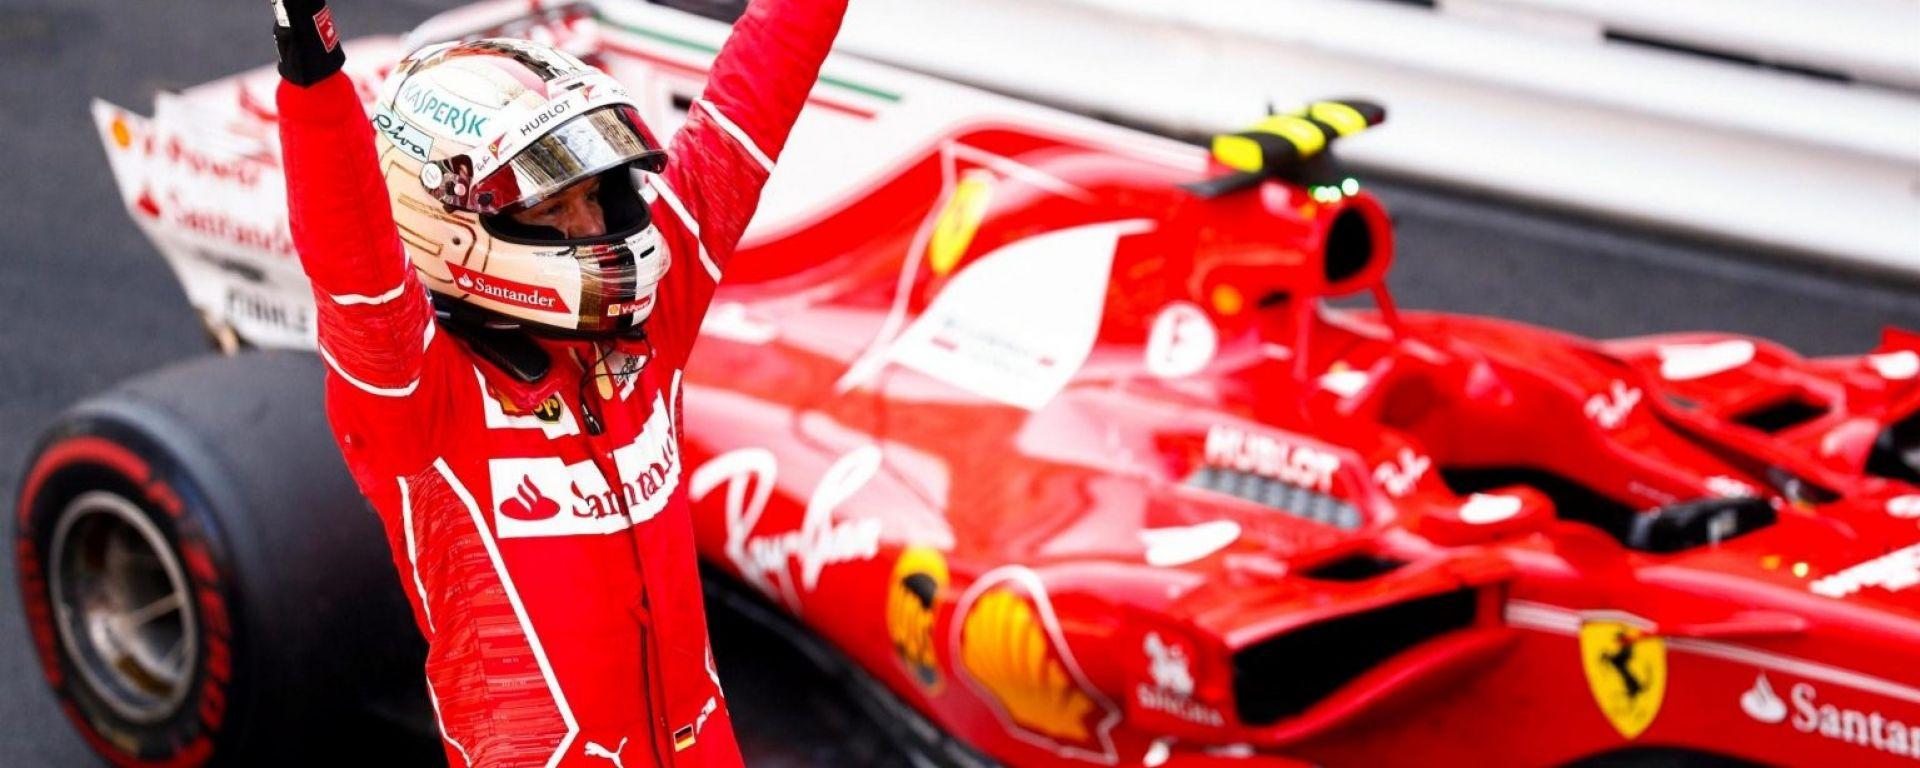 F1 2017 GP Monaco